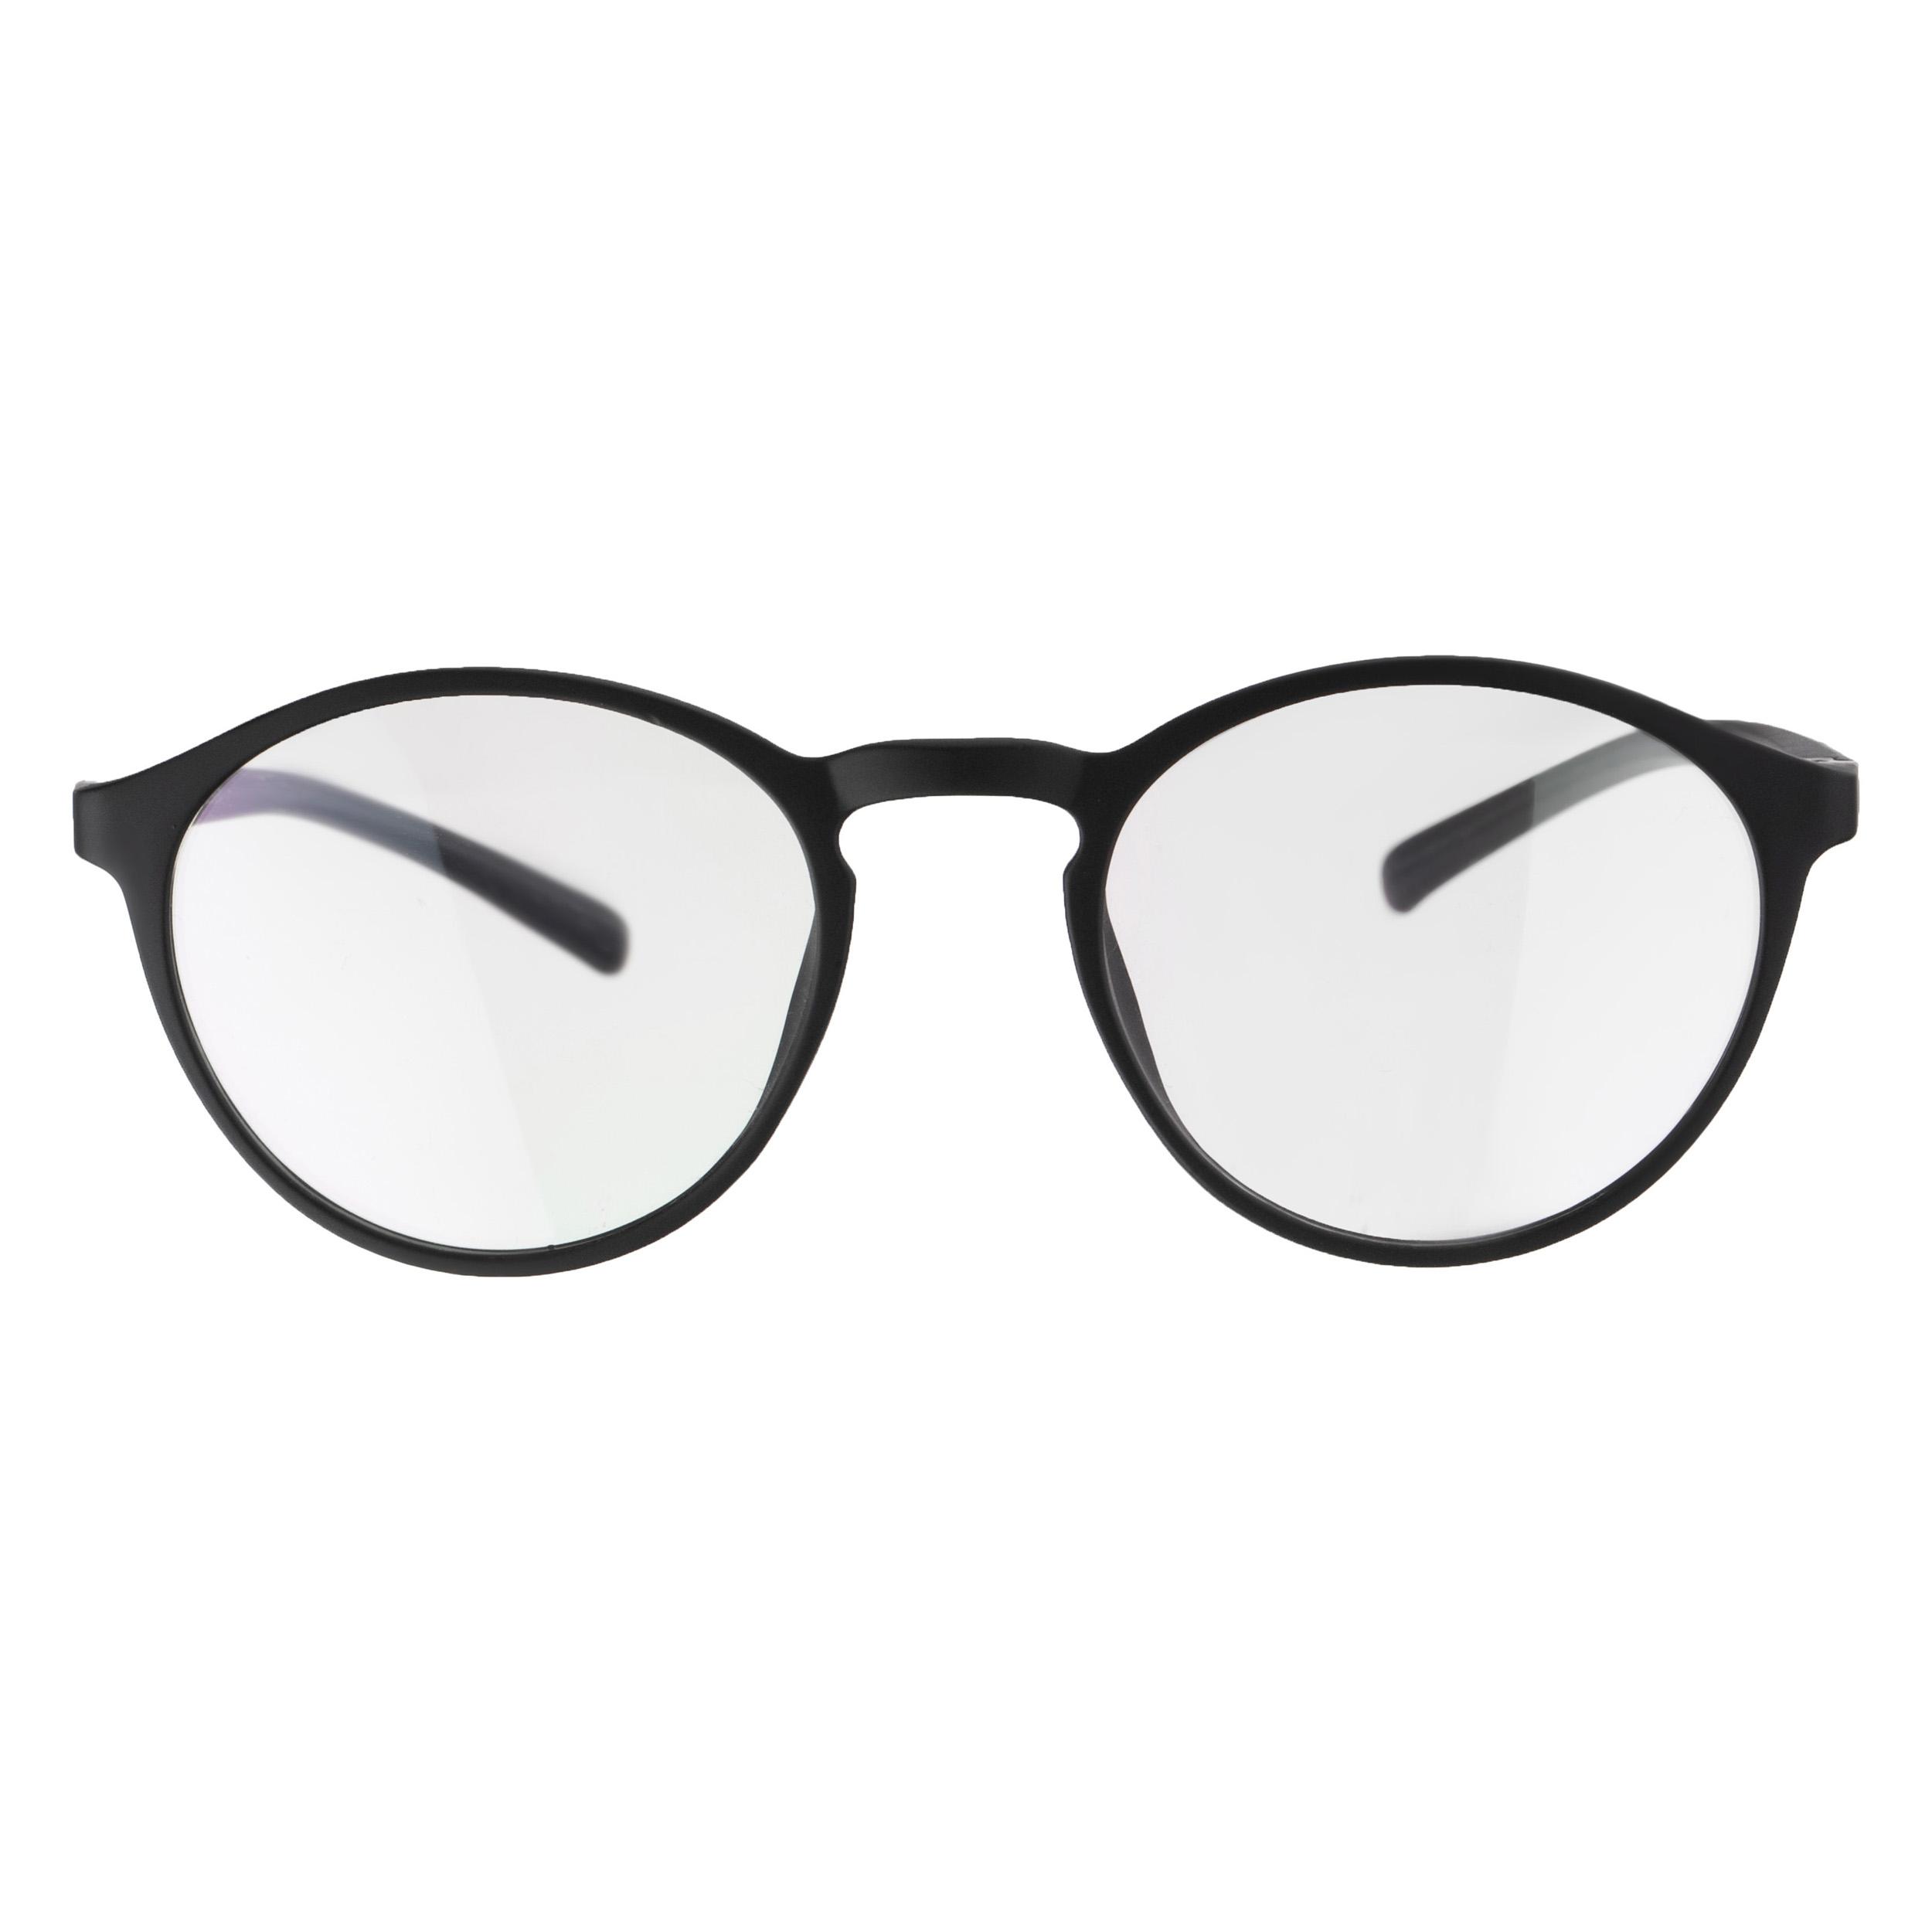 فریم عینک طبی مدل C3143